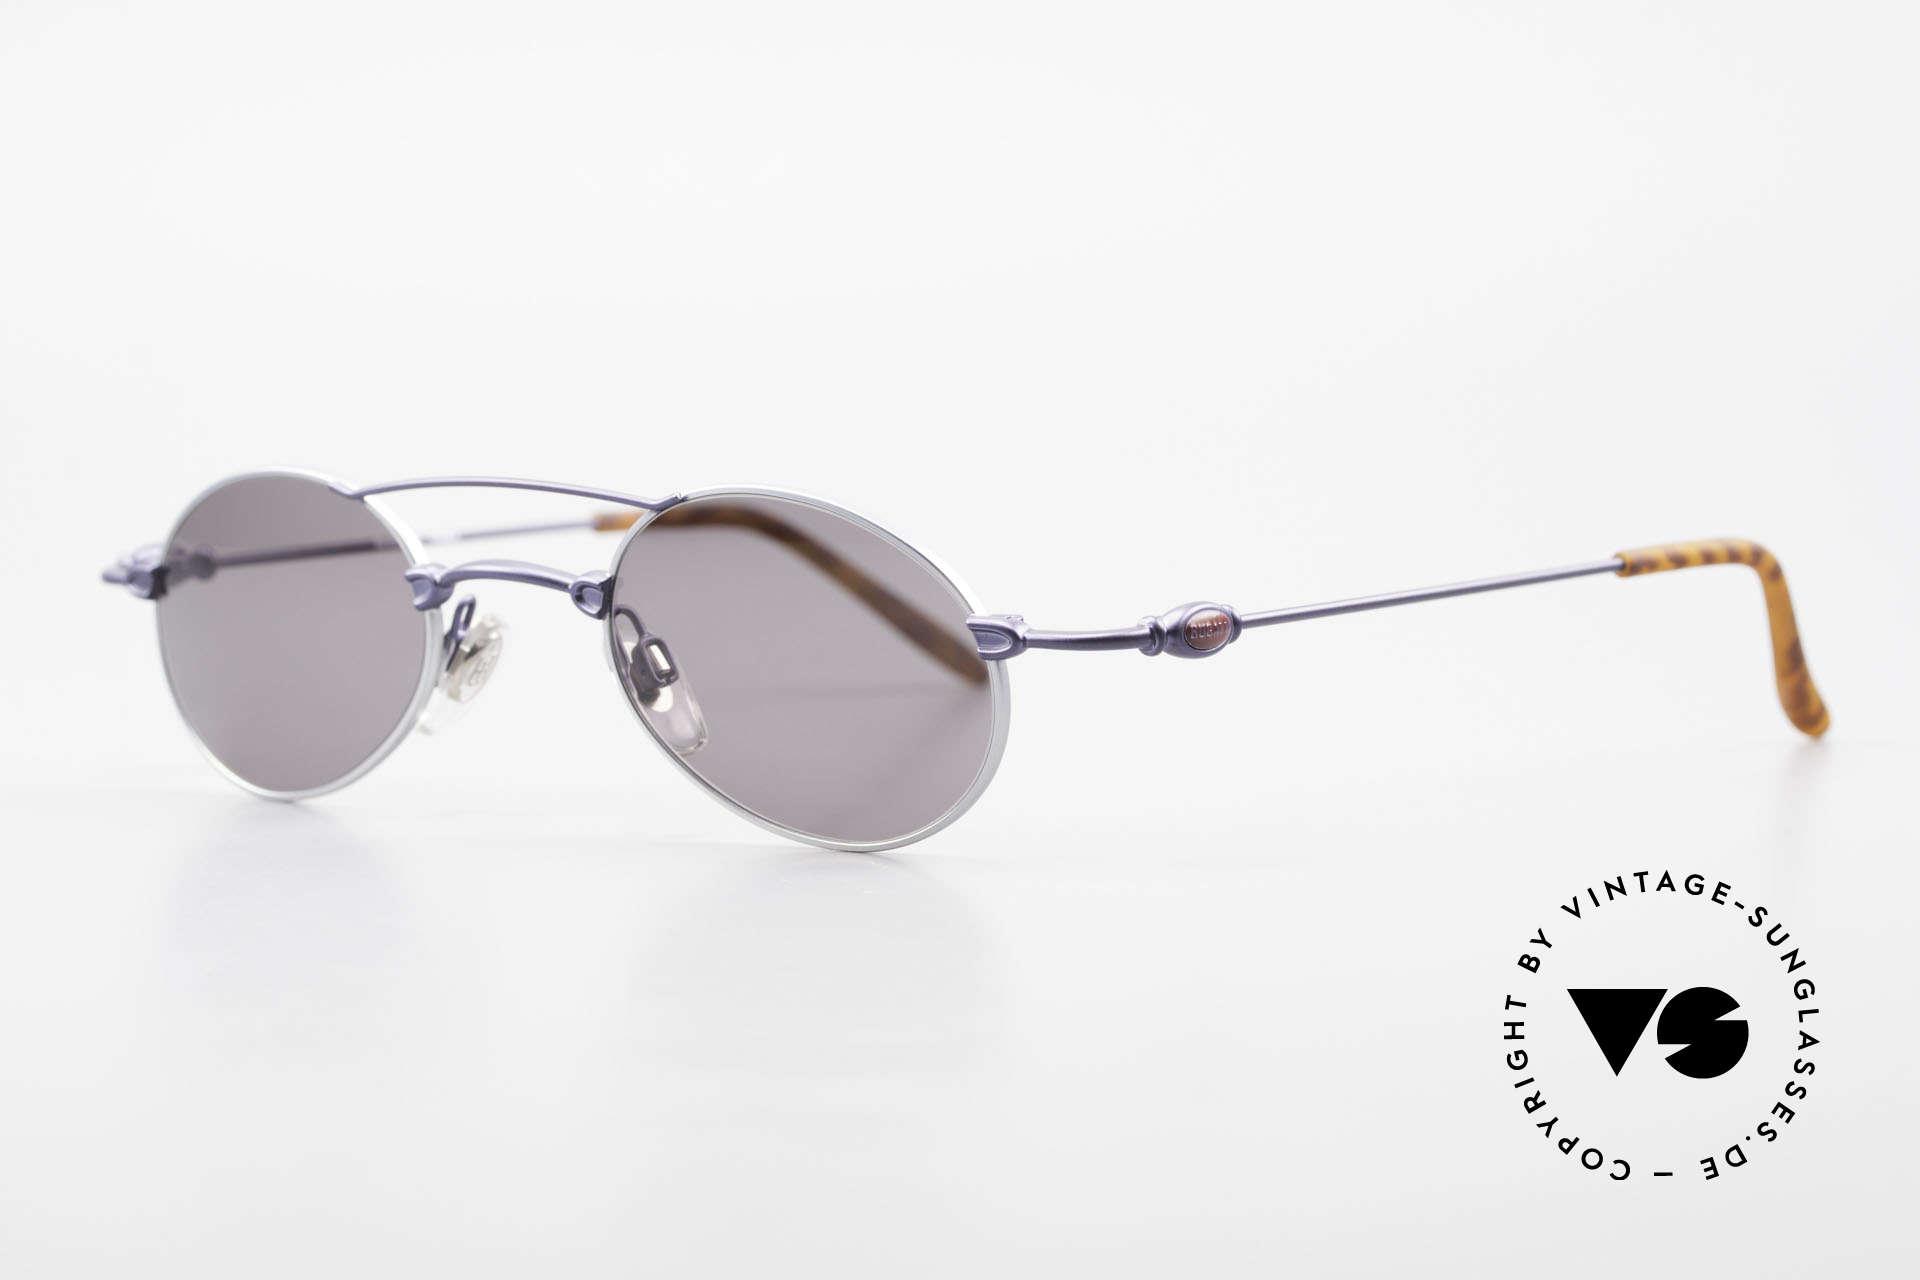 Bugatti 10864 Ovale Luxus Sonnenbrille Men, klassische, zeitlose Brillenform (Gentlemen's Fassung), Passend für Herren